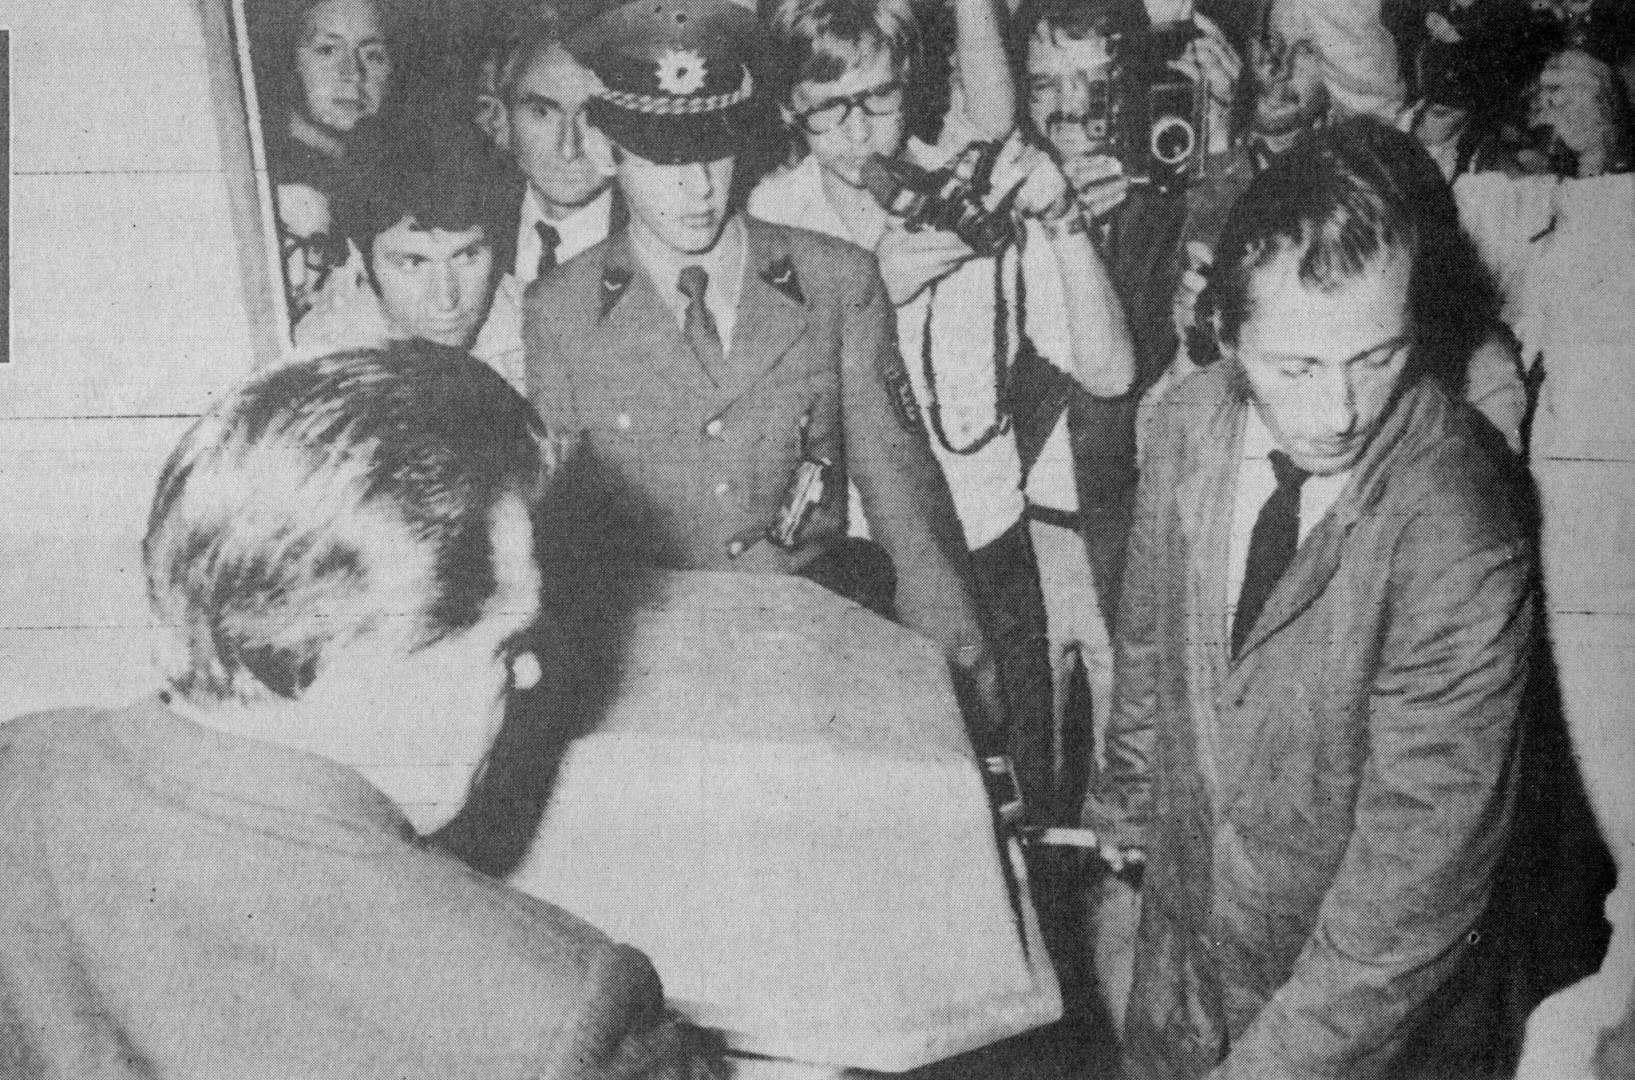 1972/9/7| القناصة الألمان بدأوا إطلاق النار.. ورد الفدائيون: «علينا وعلى أعدائنا»